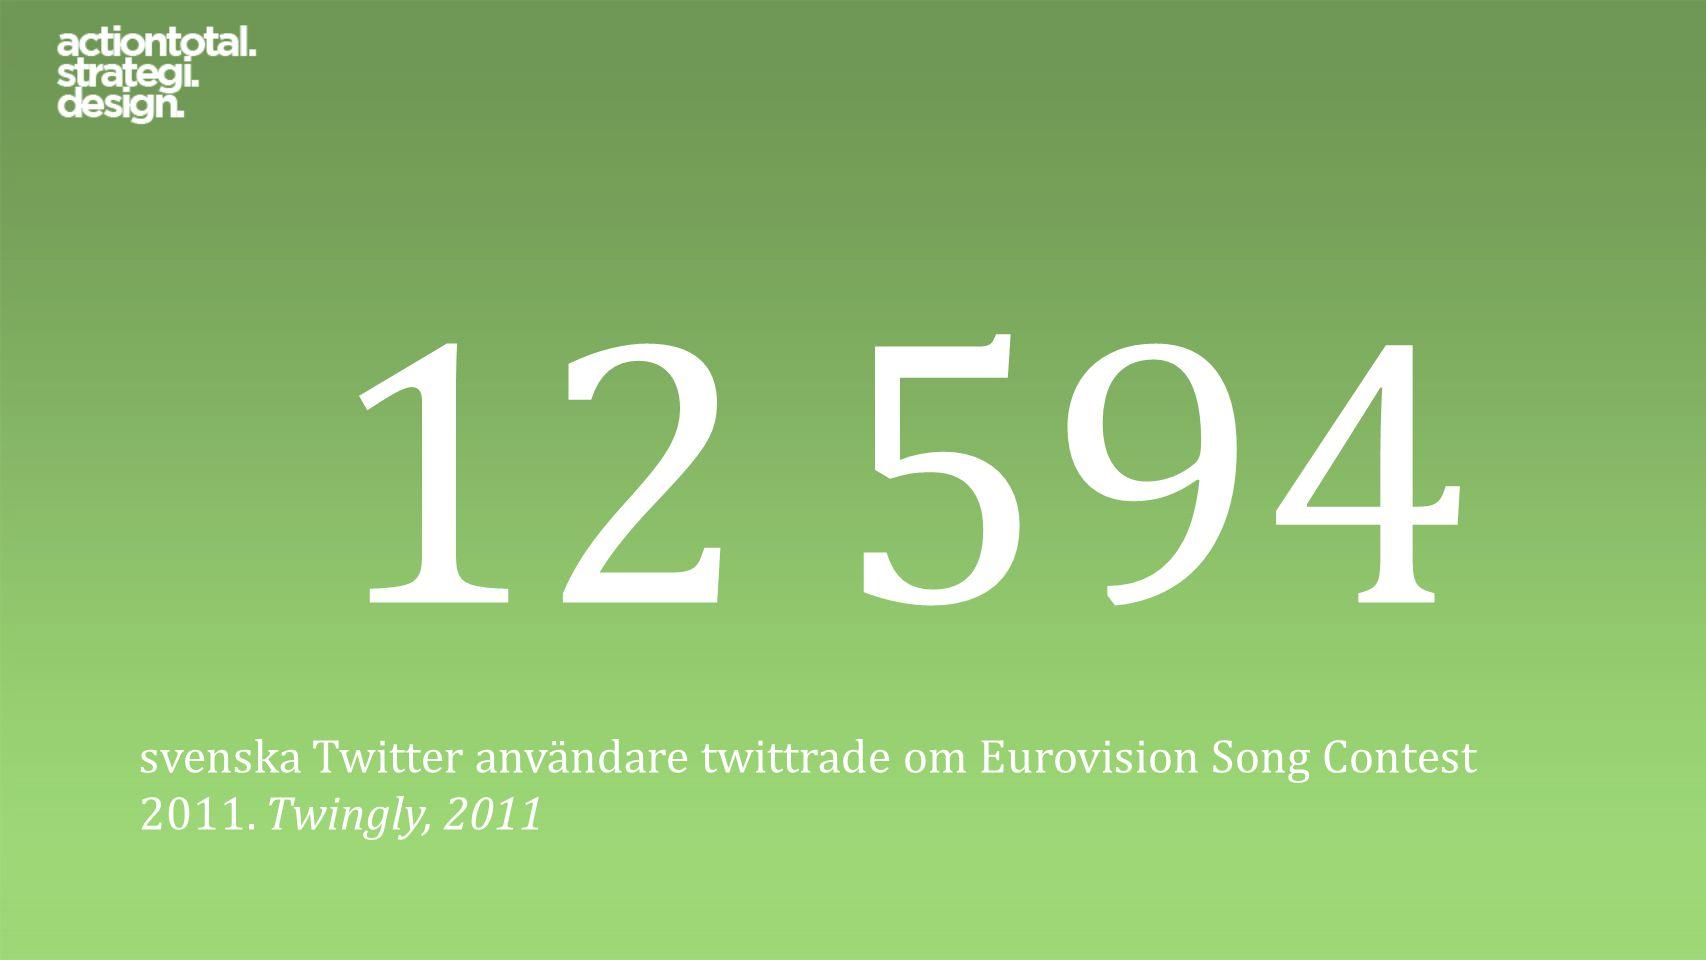 12 594 svenska Twitter användare twittrade om Eurovision Song Contest 2011. Twingly, 2011